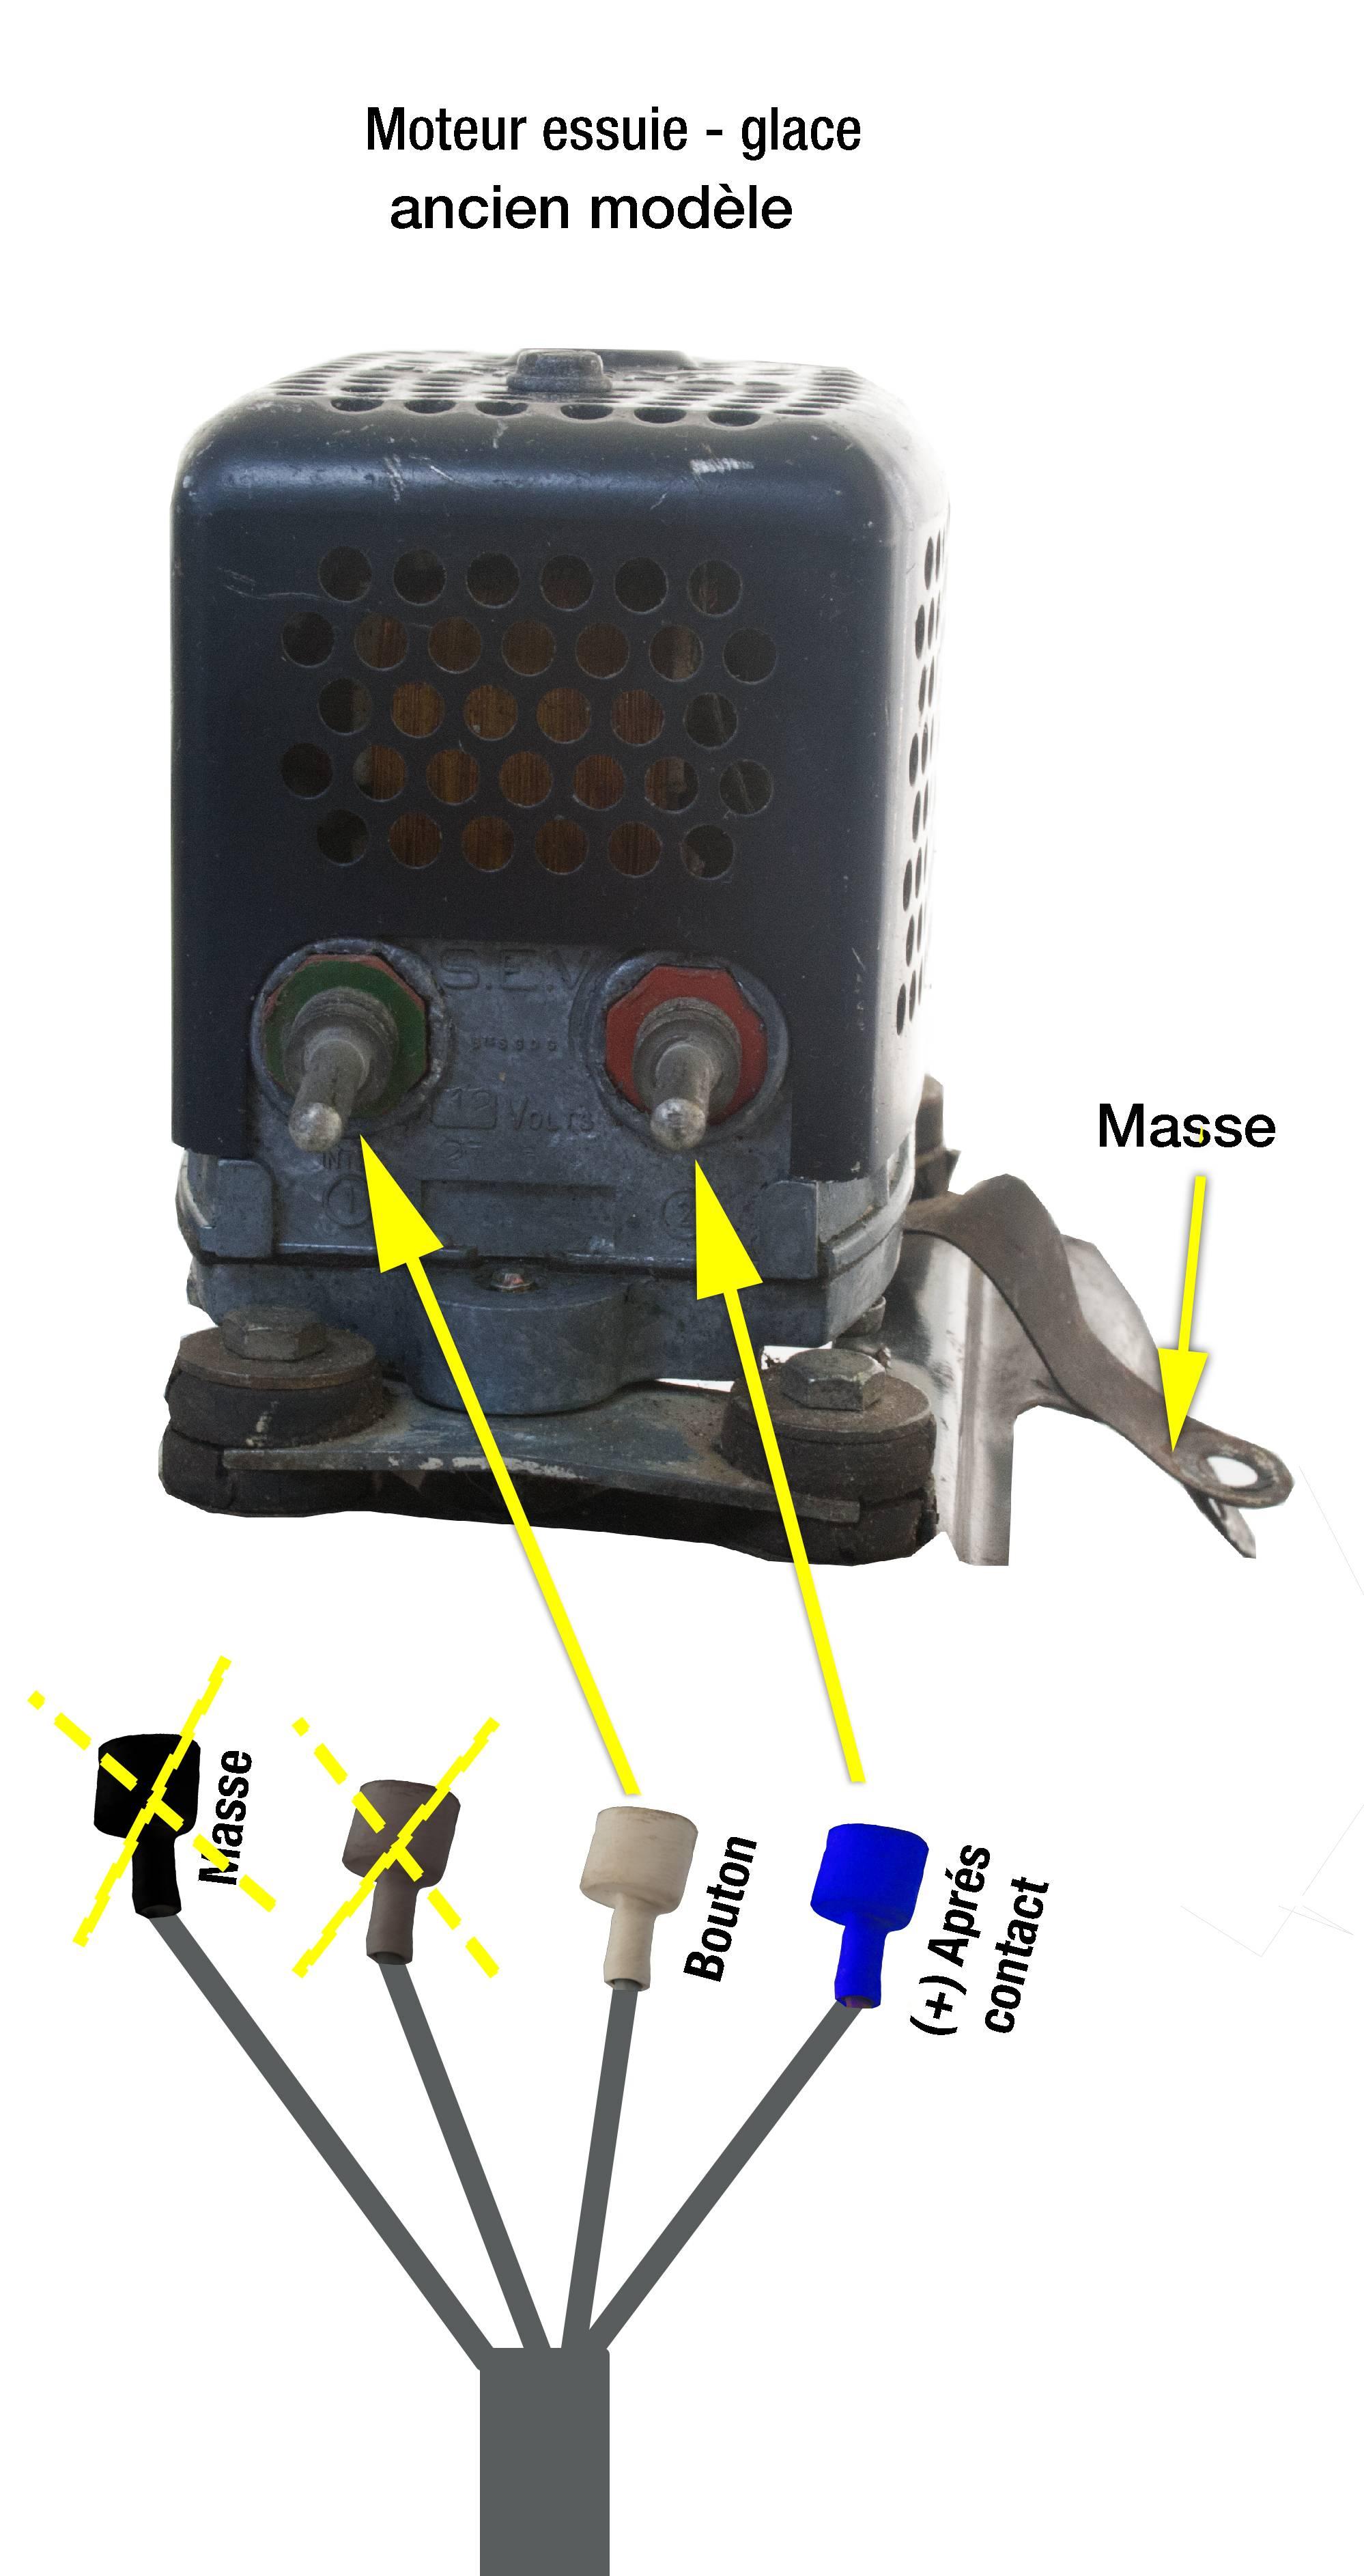 Tableau de raccordement du moteur